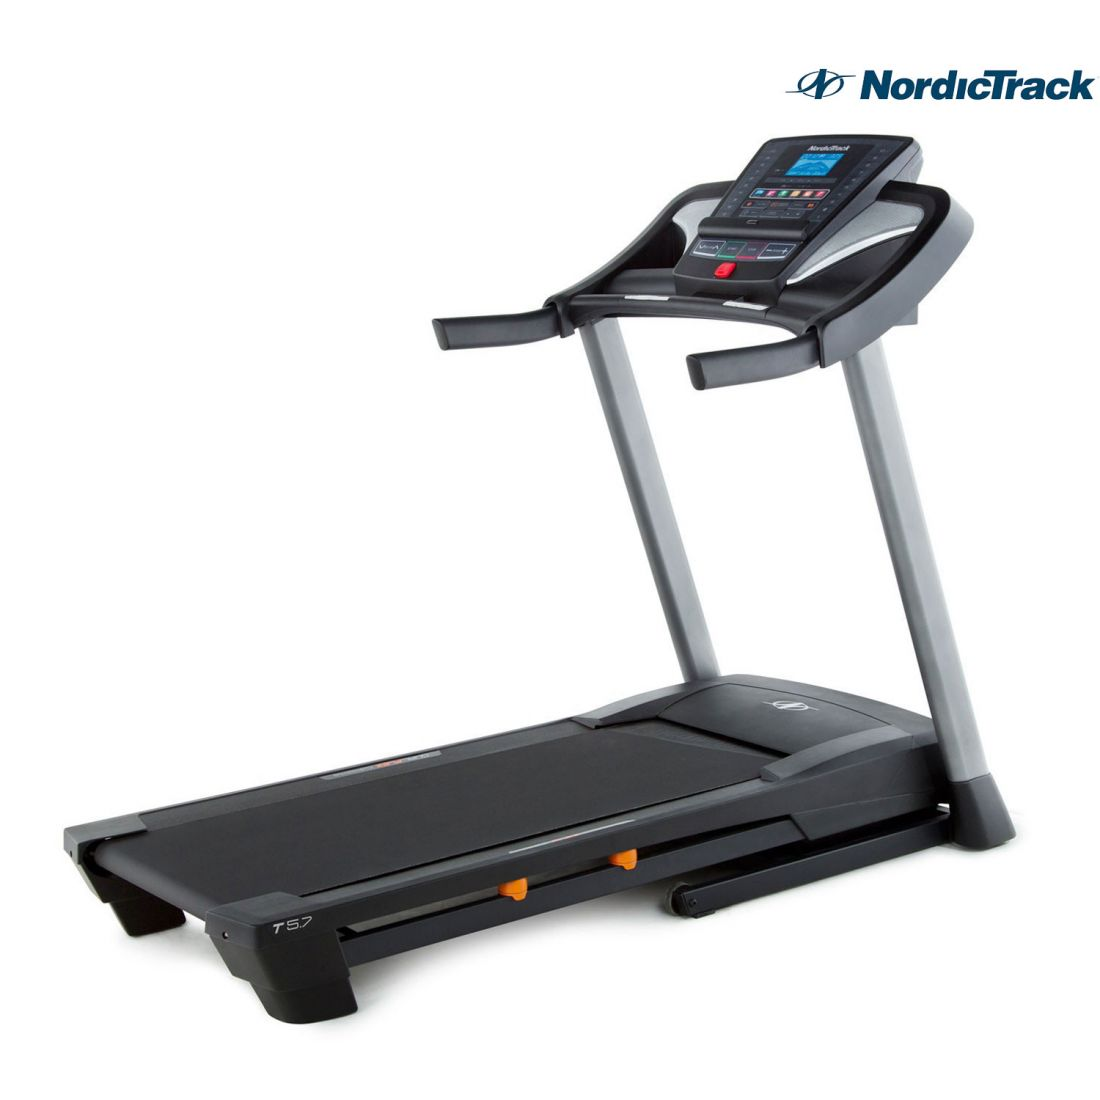 Электрическая беговая дорожка - NordicTrack T9.2